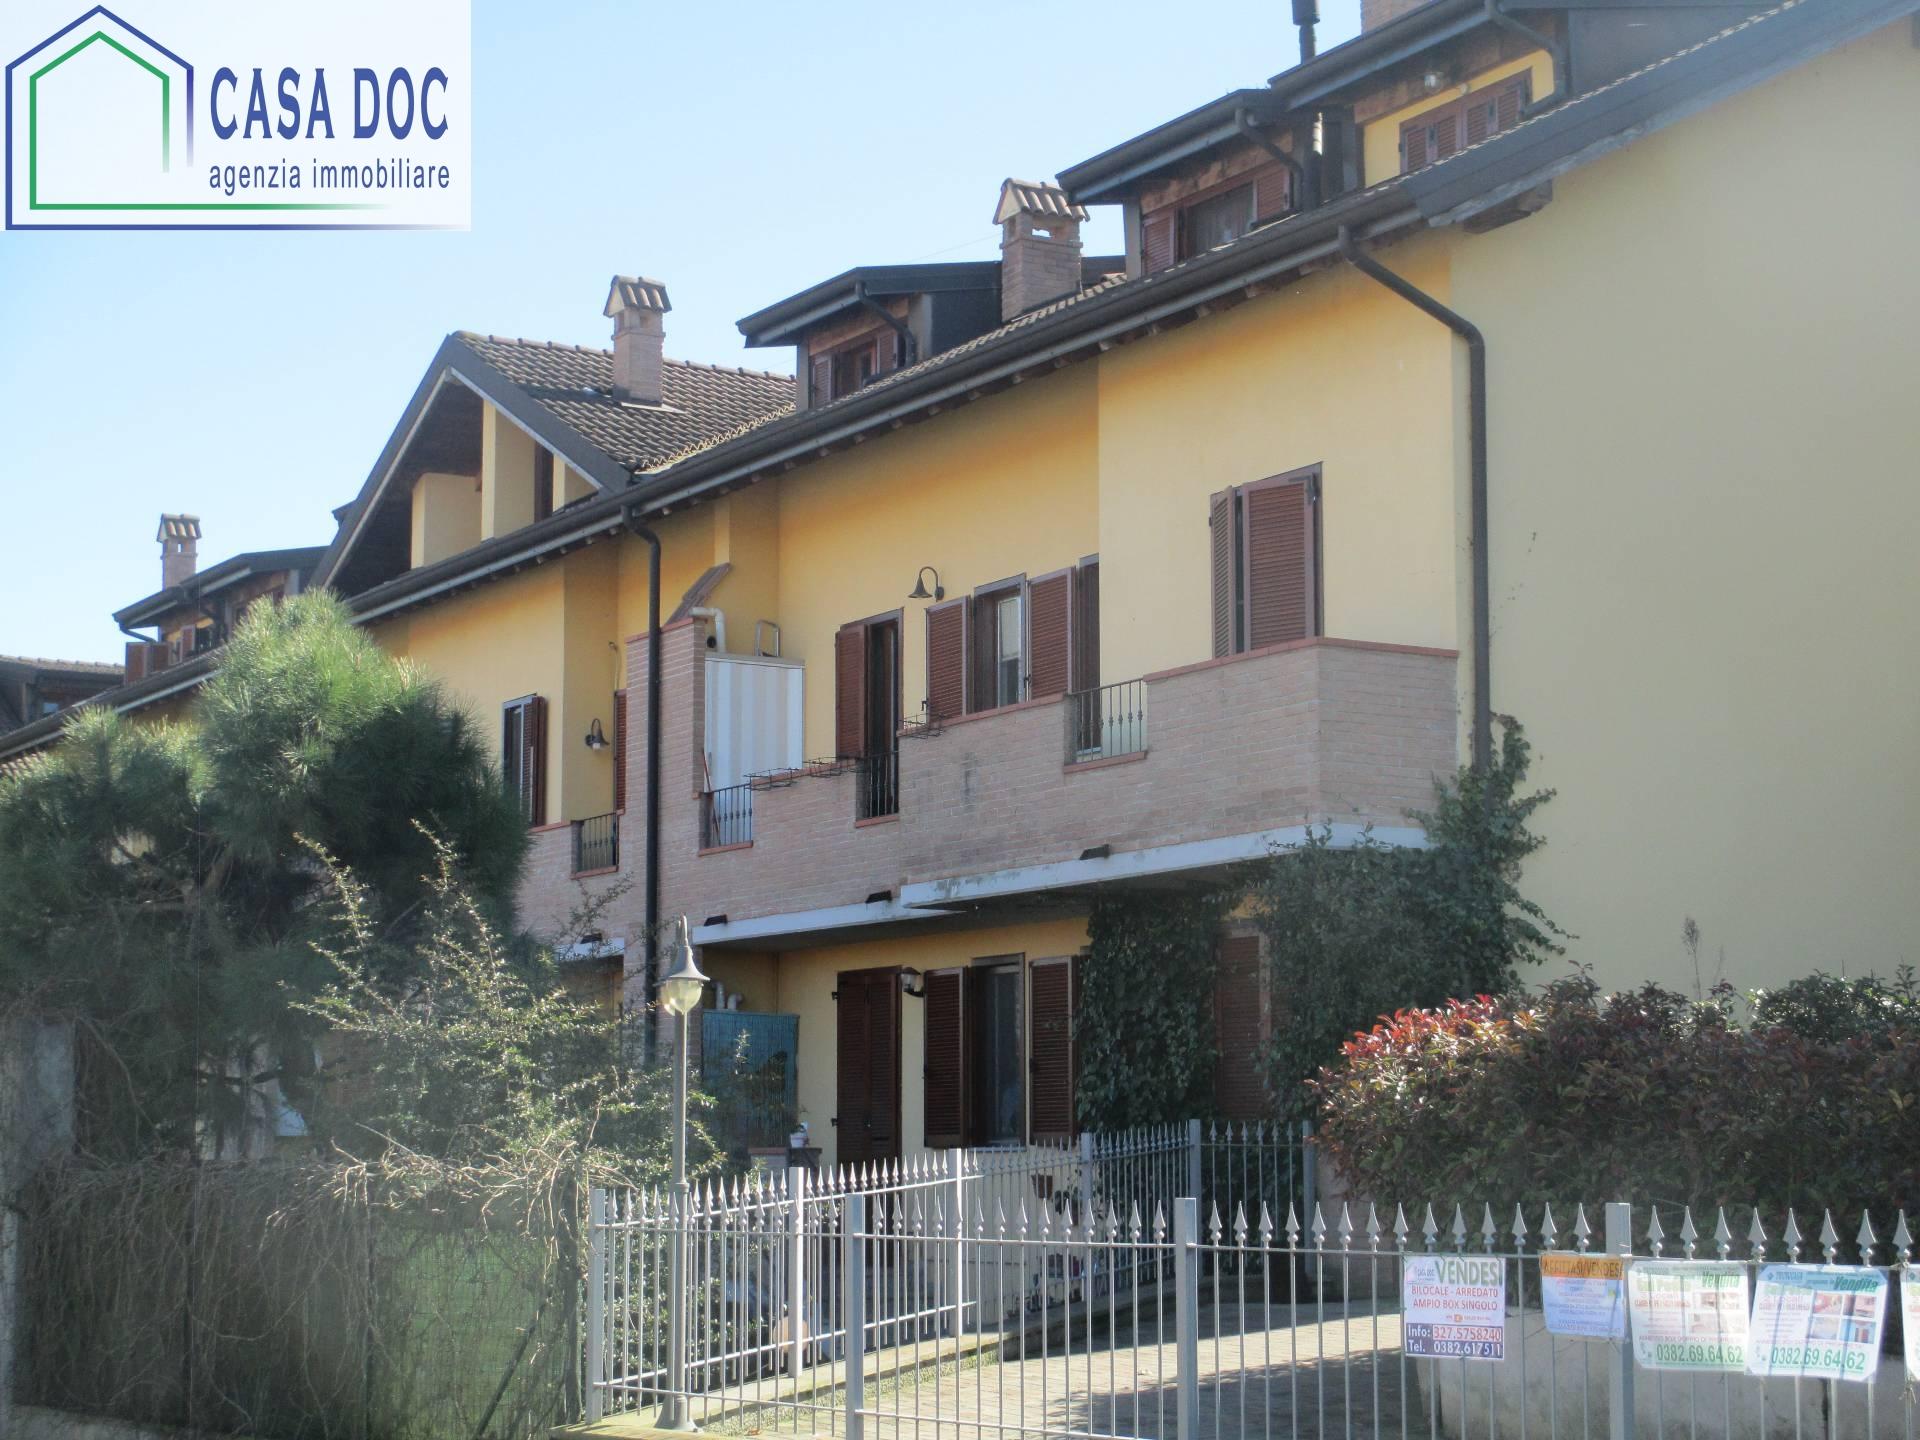 Appartamento in affitto a Vidigulfo, 2 locali, zona Zona: Mandrino, prezzo € 600 | Cambio Casa.it